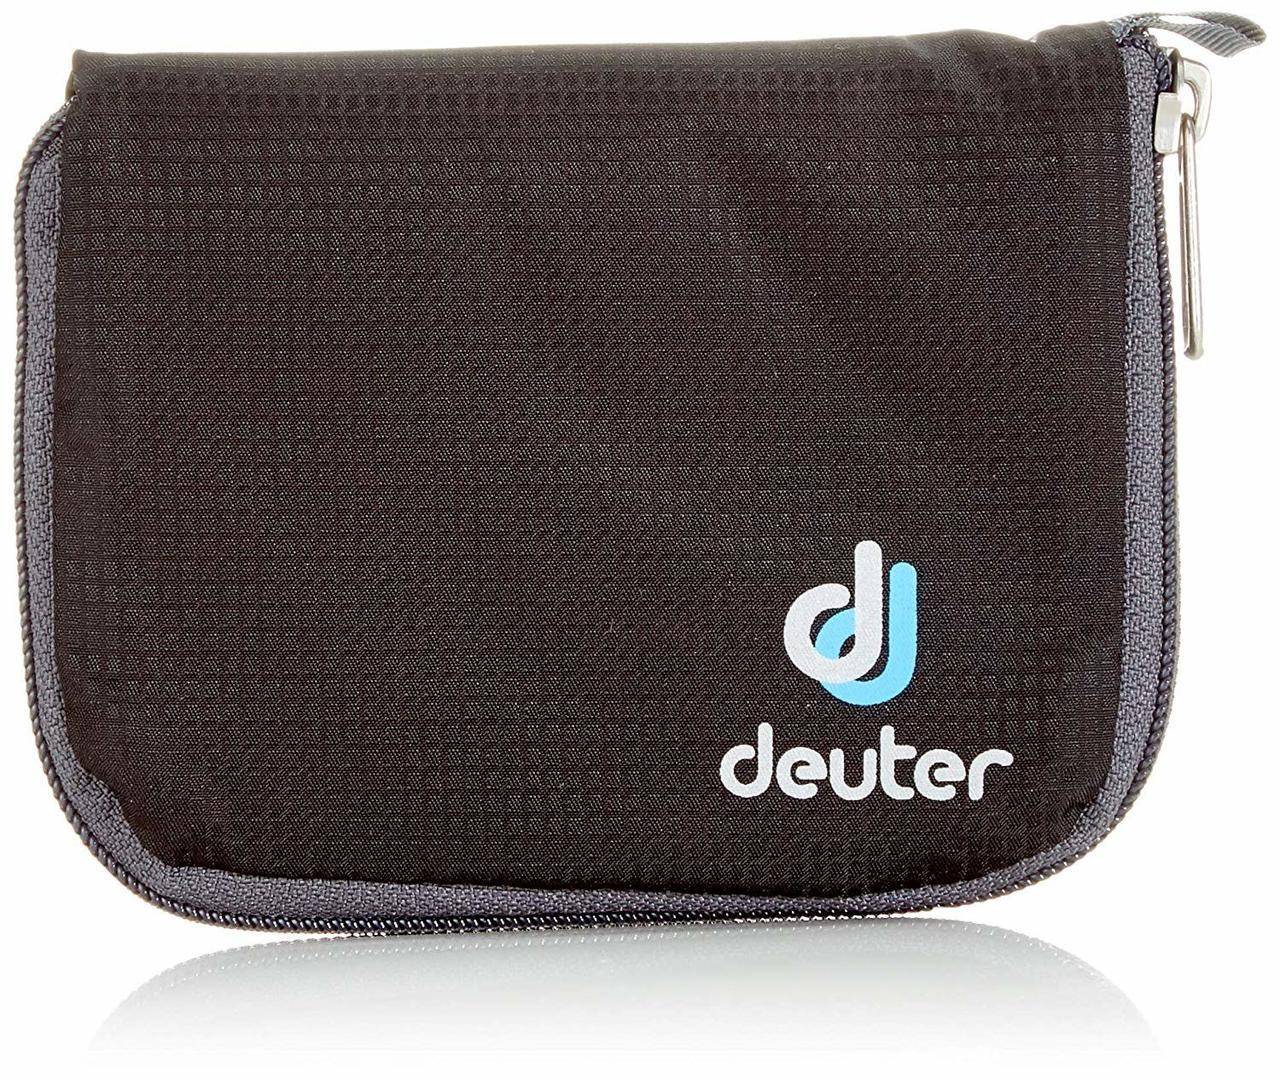 Кошелек Deuter Zip Wallet black (3942516 7000)